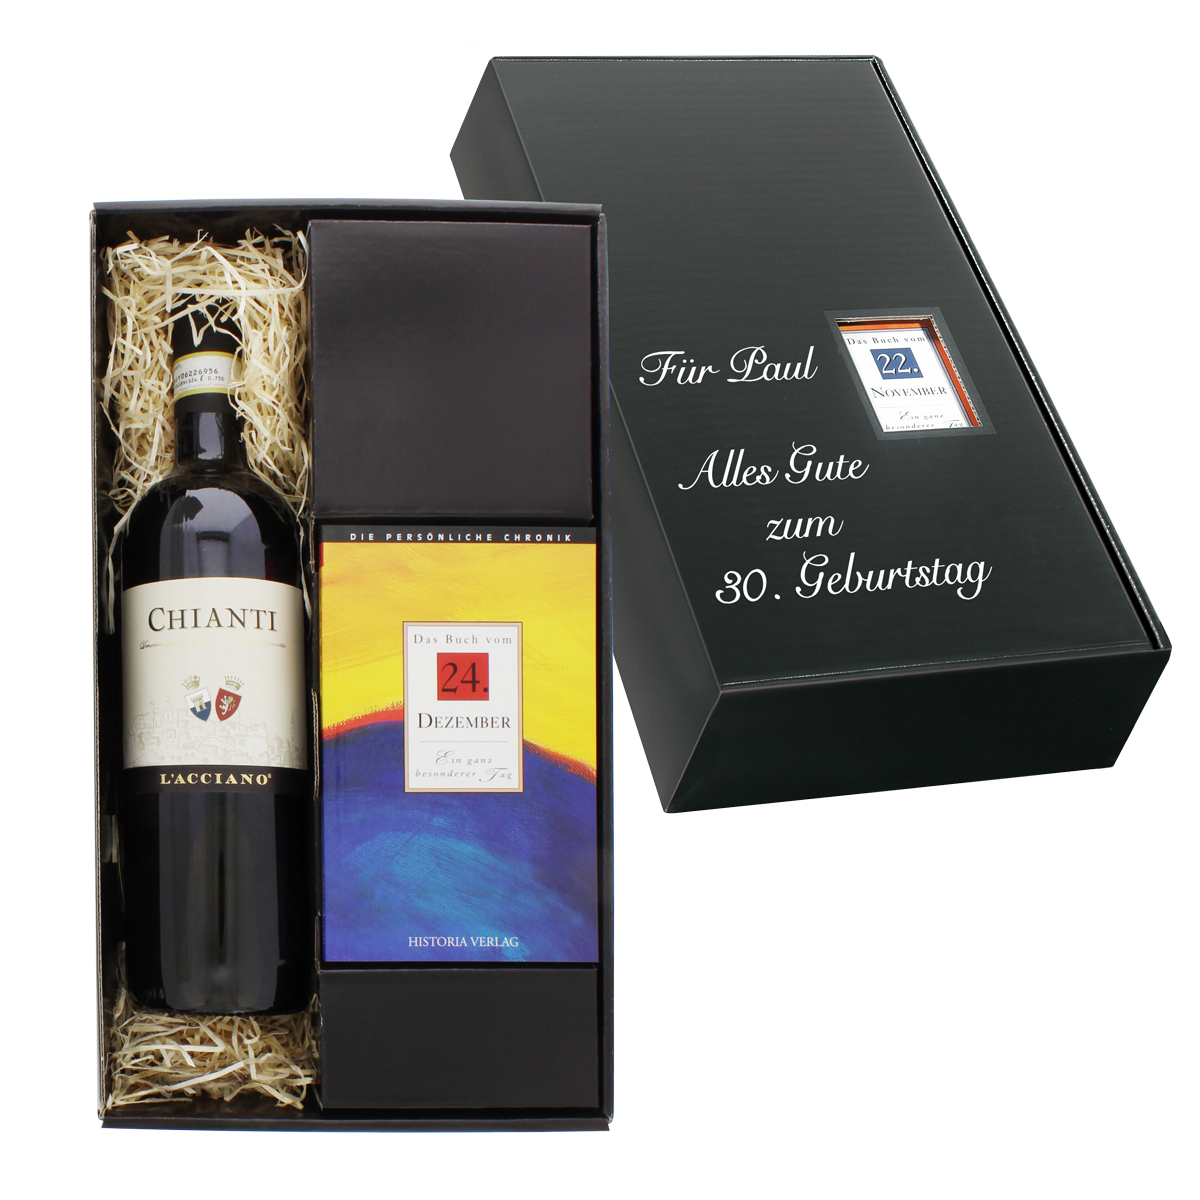 Italien-Set: Tageschronik vom 12. November & Chianti-Wein